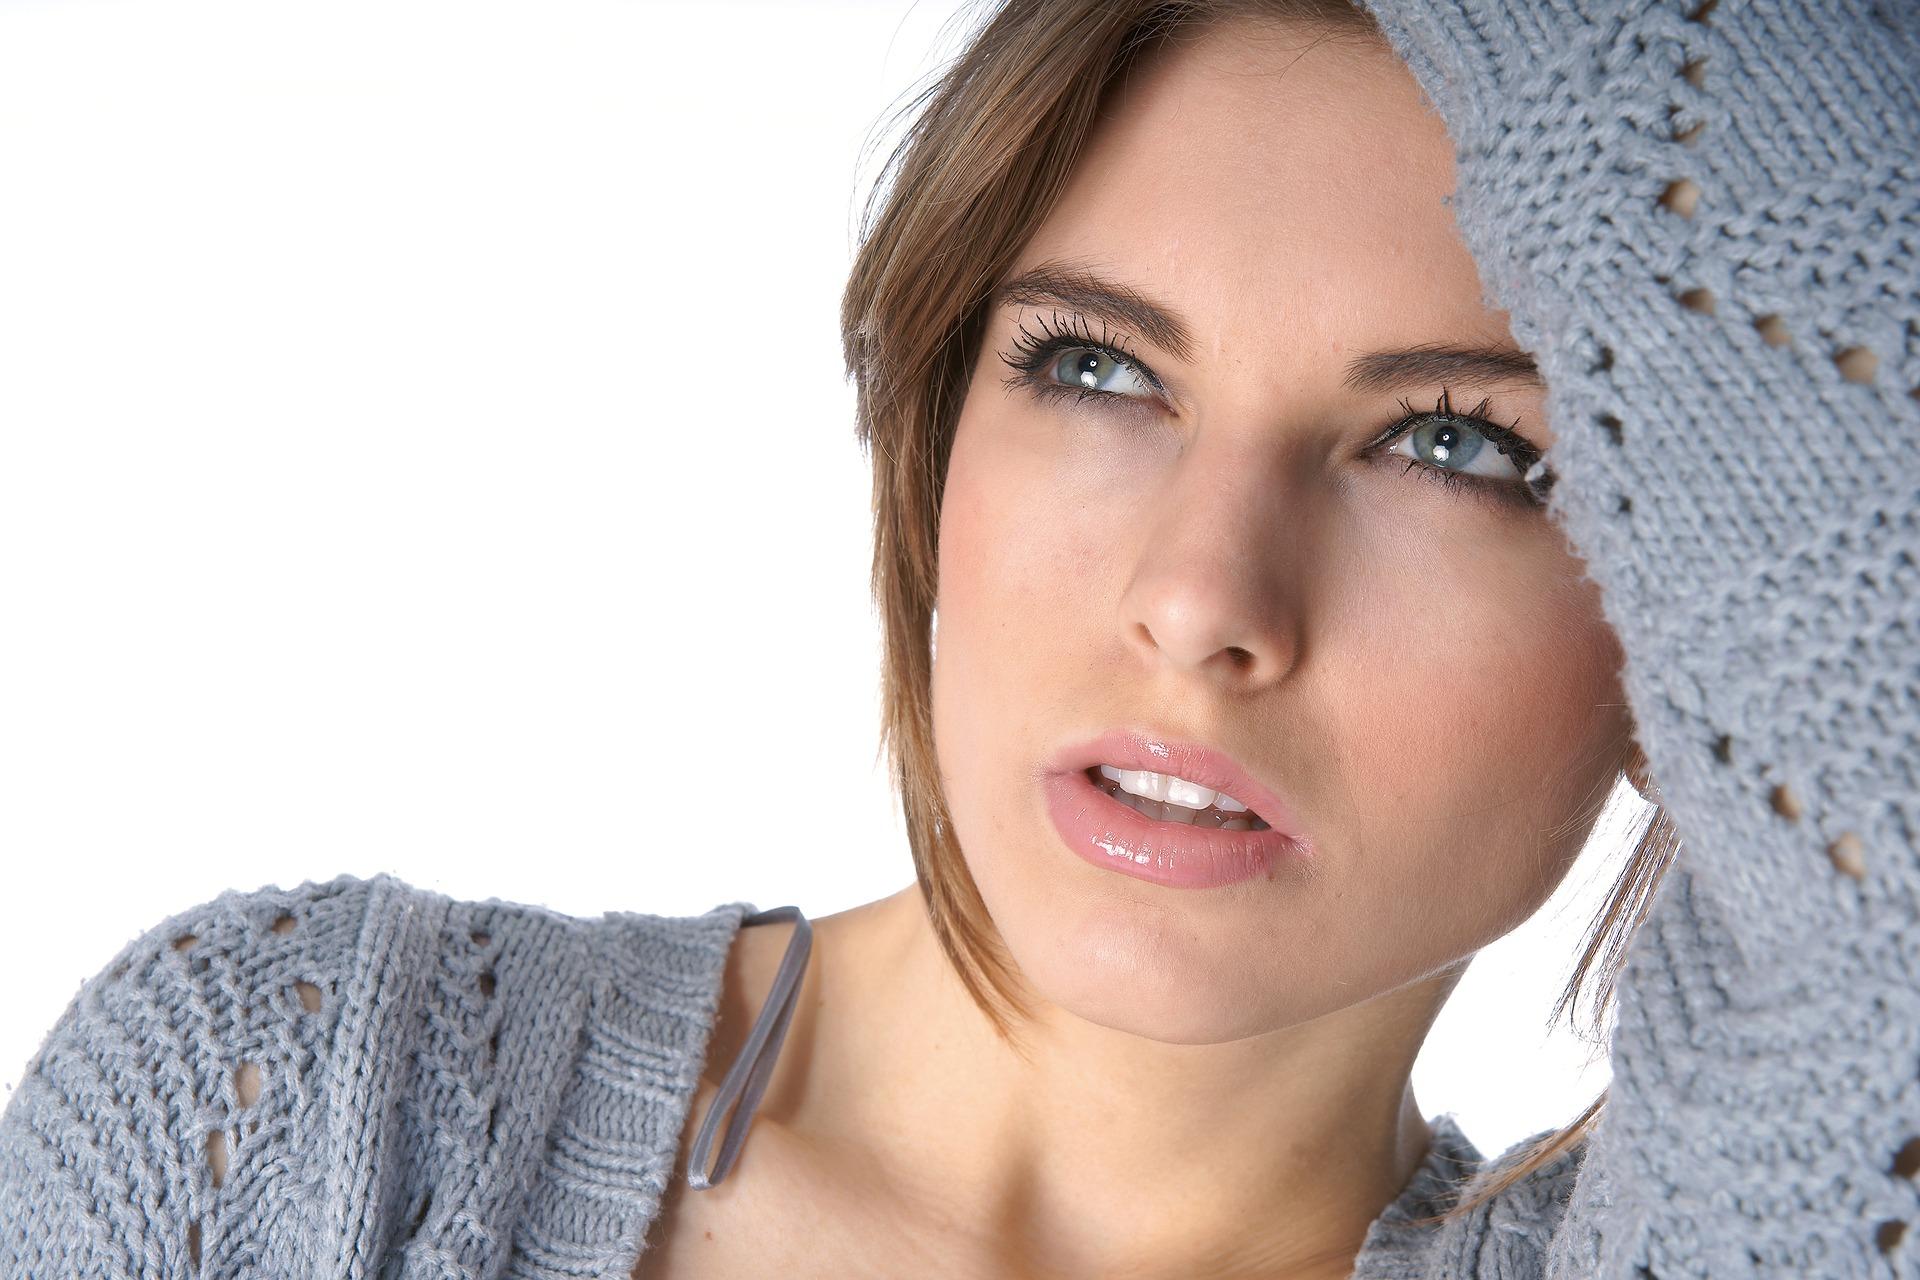 Que_disent_vos_lèvres_à_votre_sujet_?